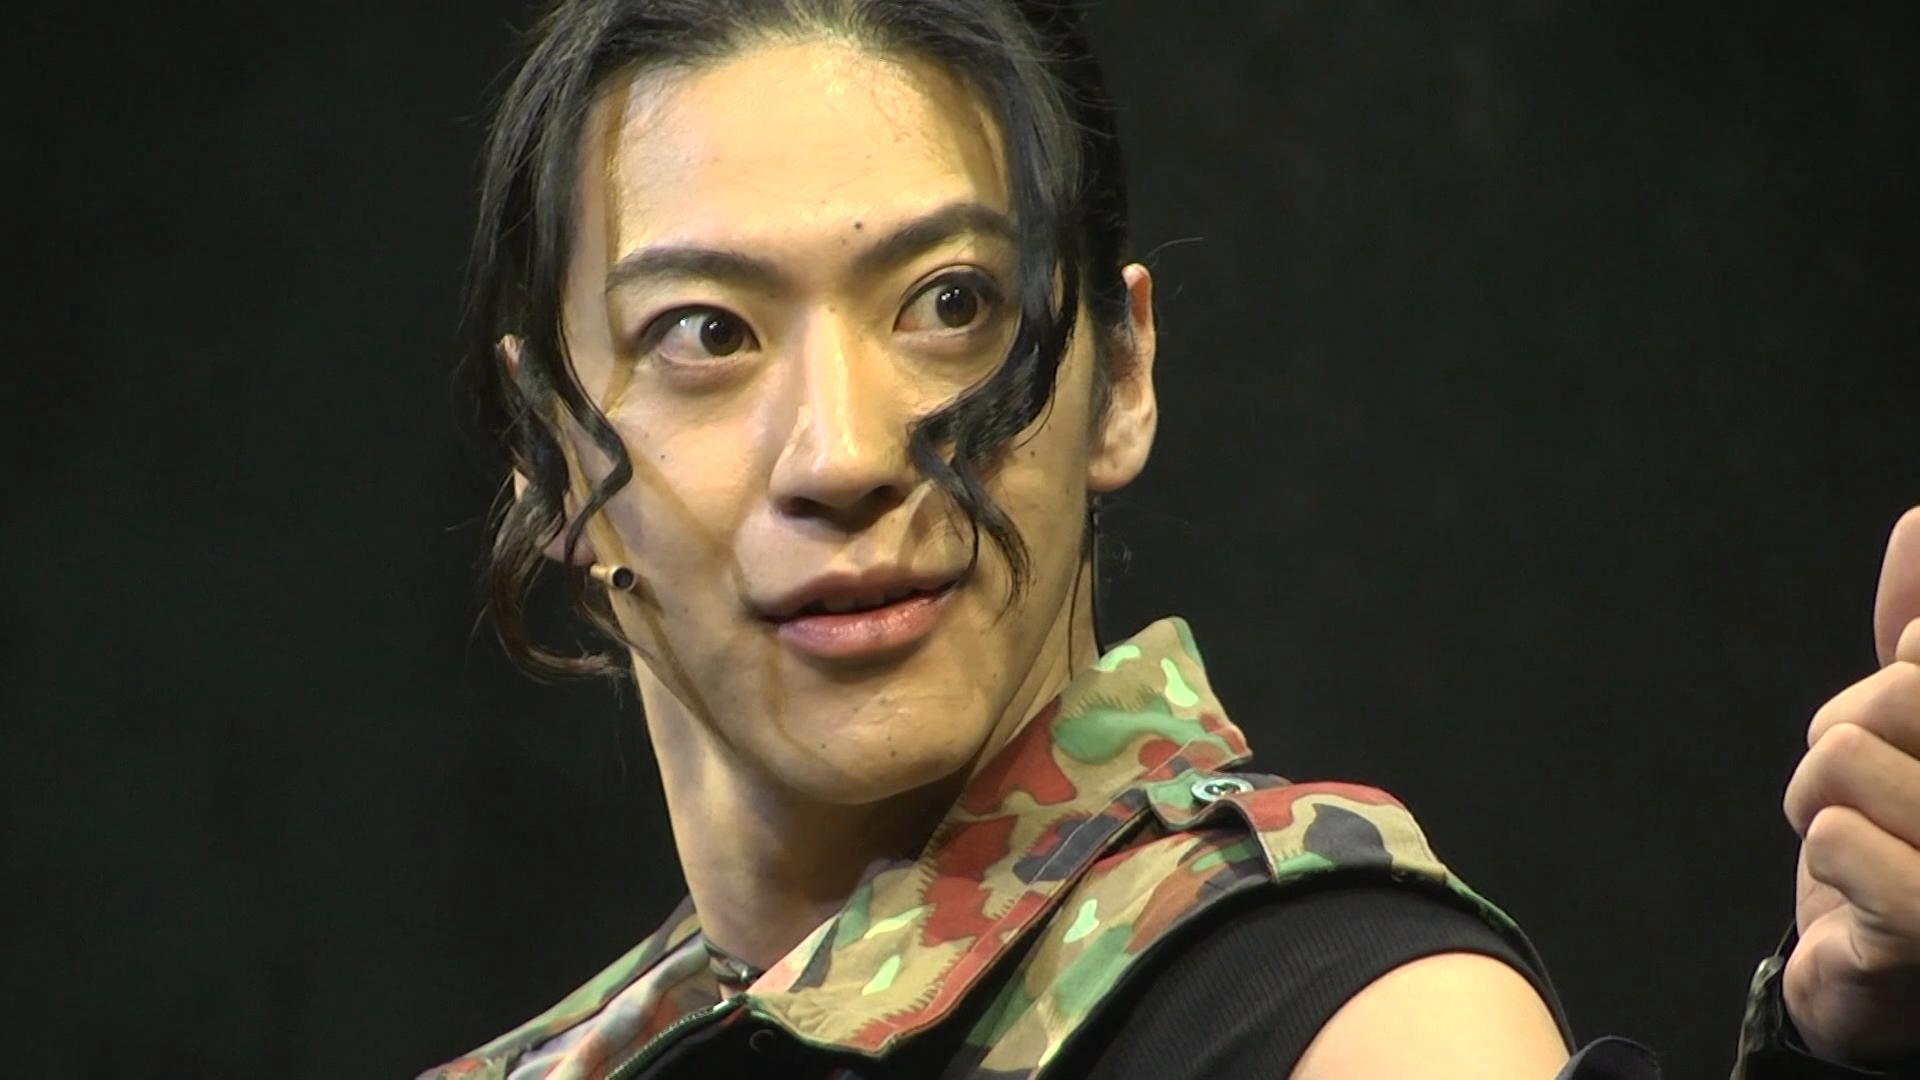 Yukimura Belial Grunstein